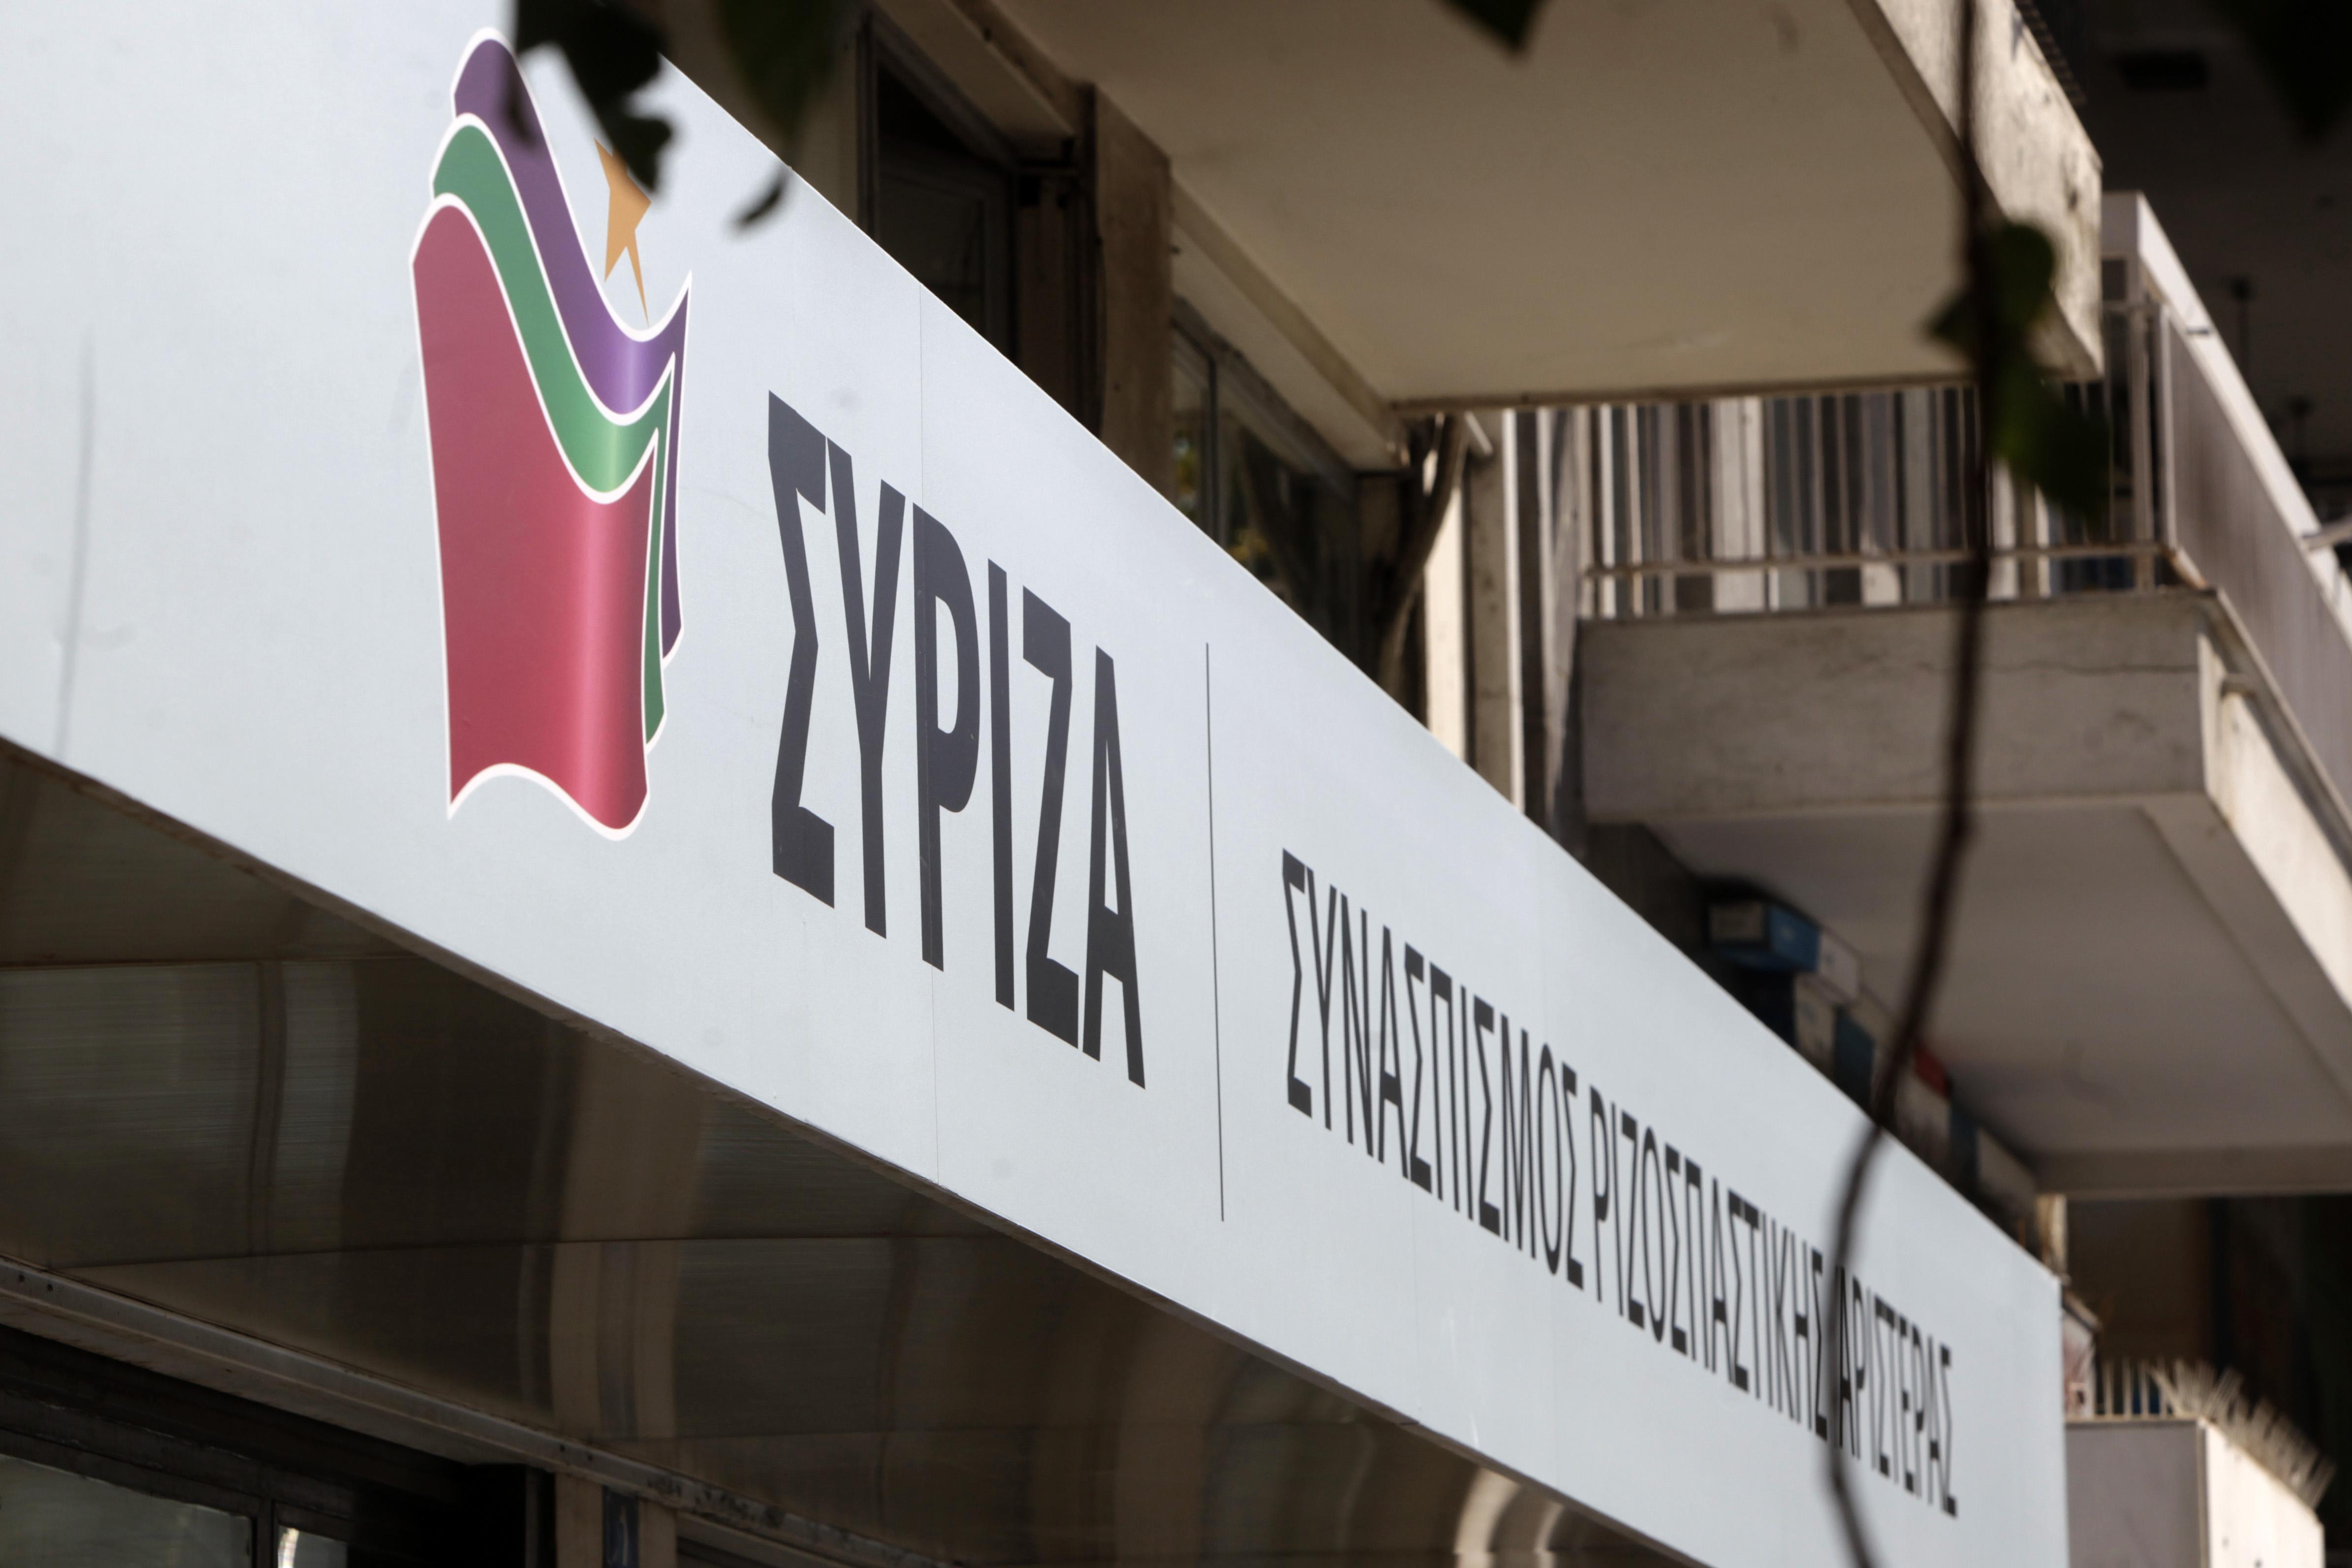 ΠΓ ΣΥΡΙΖΑ: Υπερασπιζόμαστε τη διατήρηση του δημόσιου χαρακτήρα της ΔΕΗ